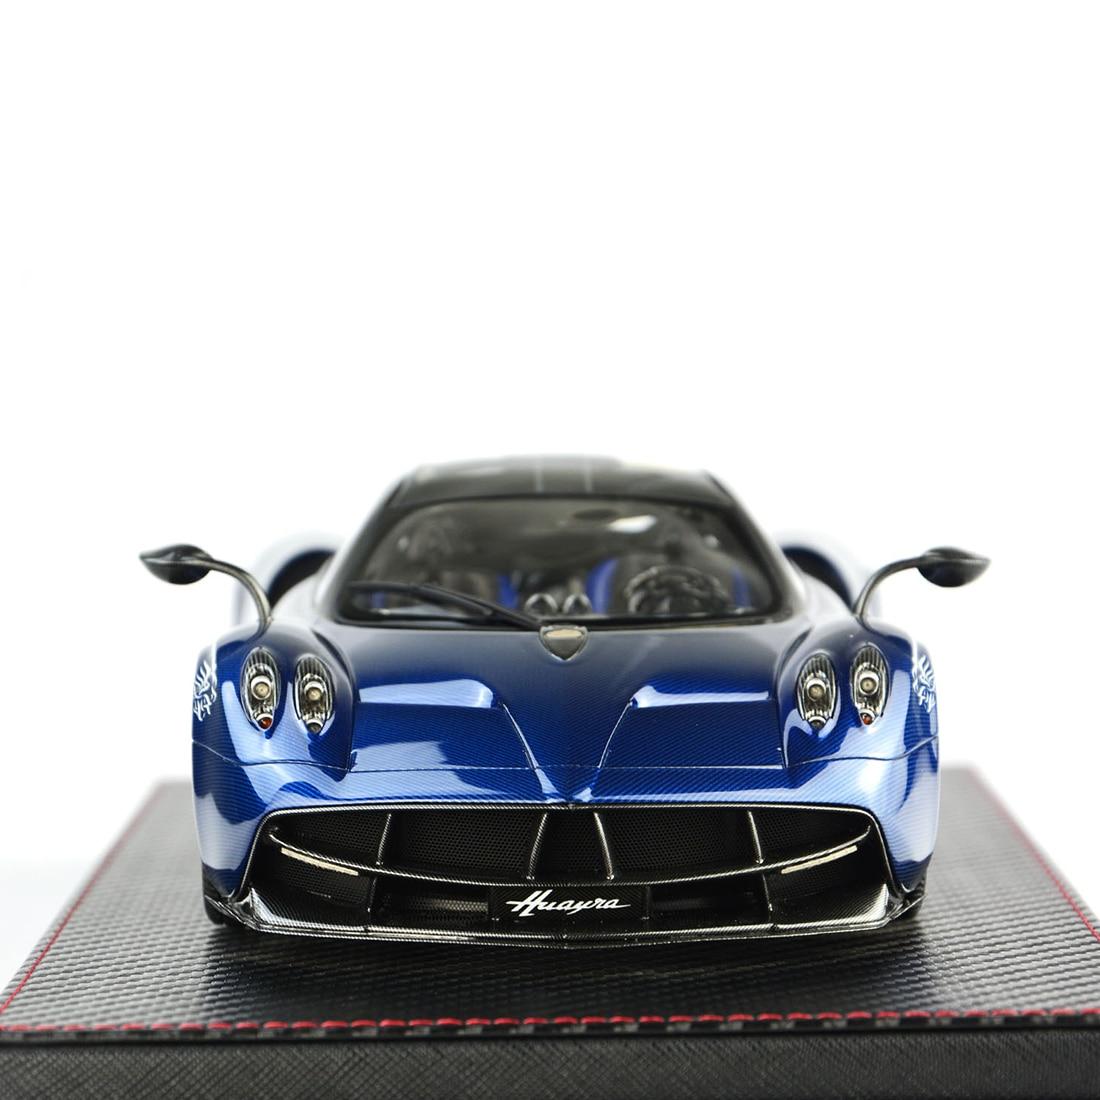 1:18 modelo de coche Pagani HUAYRA colección de modelos de decoración con Base cubierta de polvo modelo educativo juguete azul/Gris Carbón/rojo púrpura